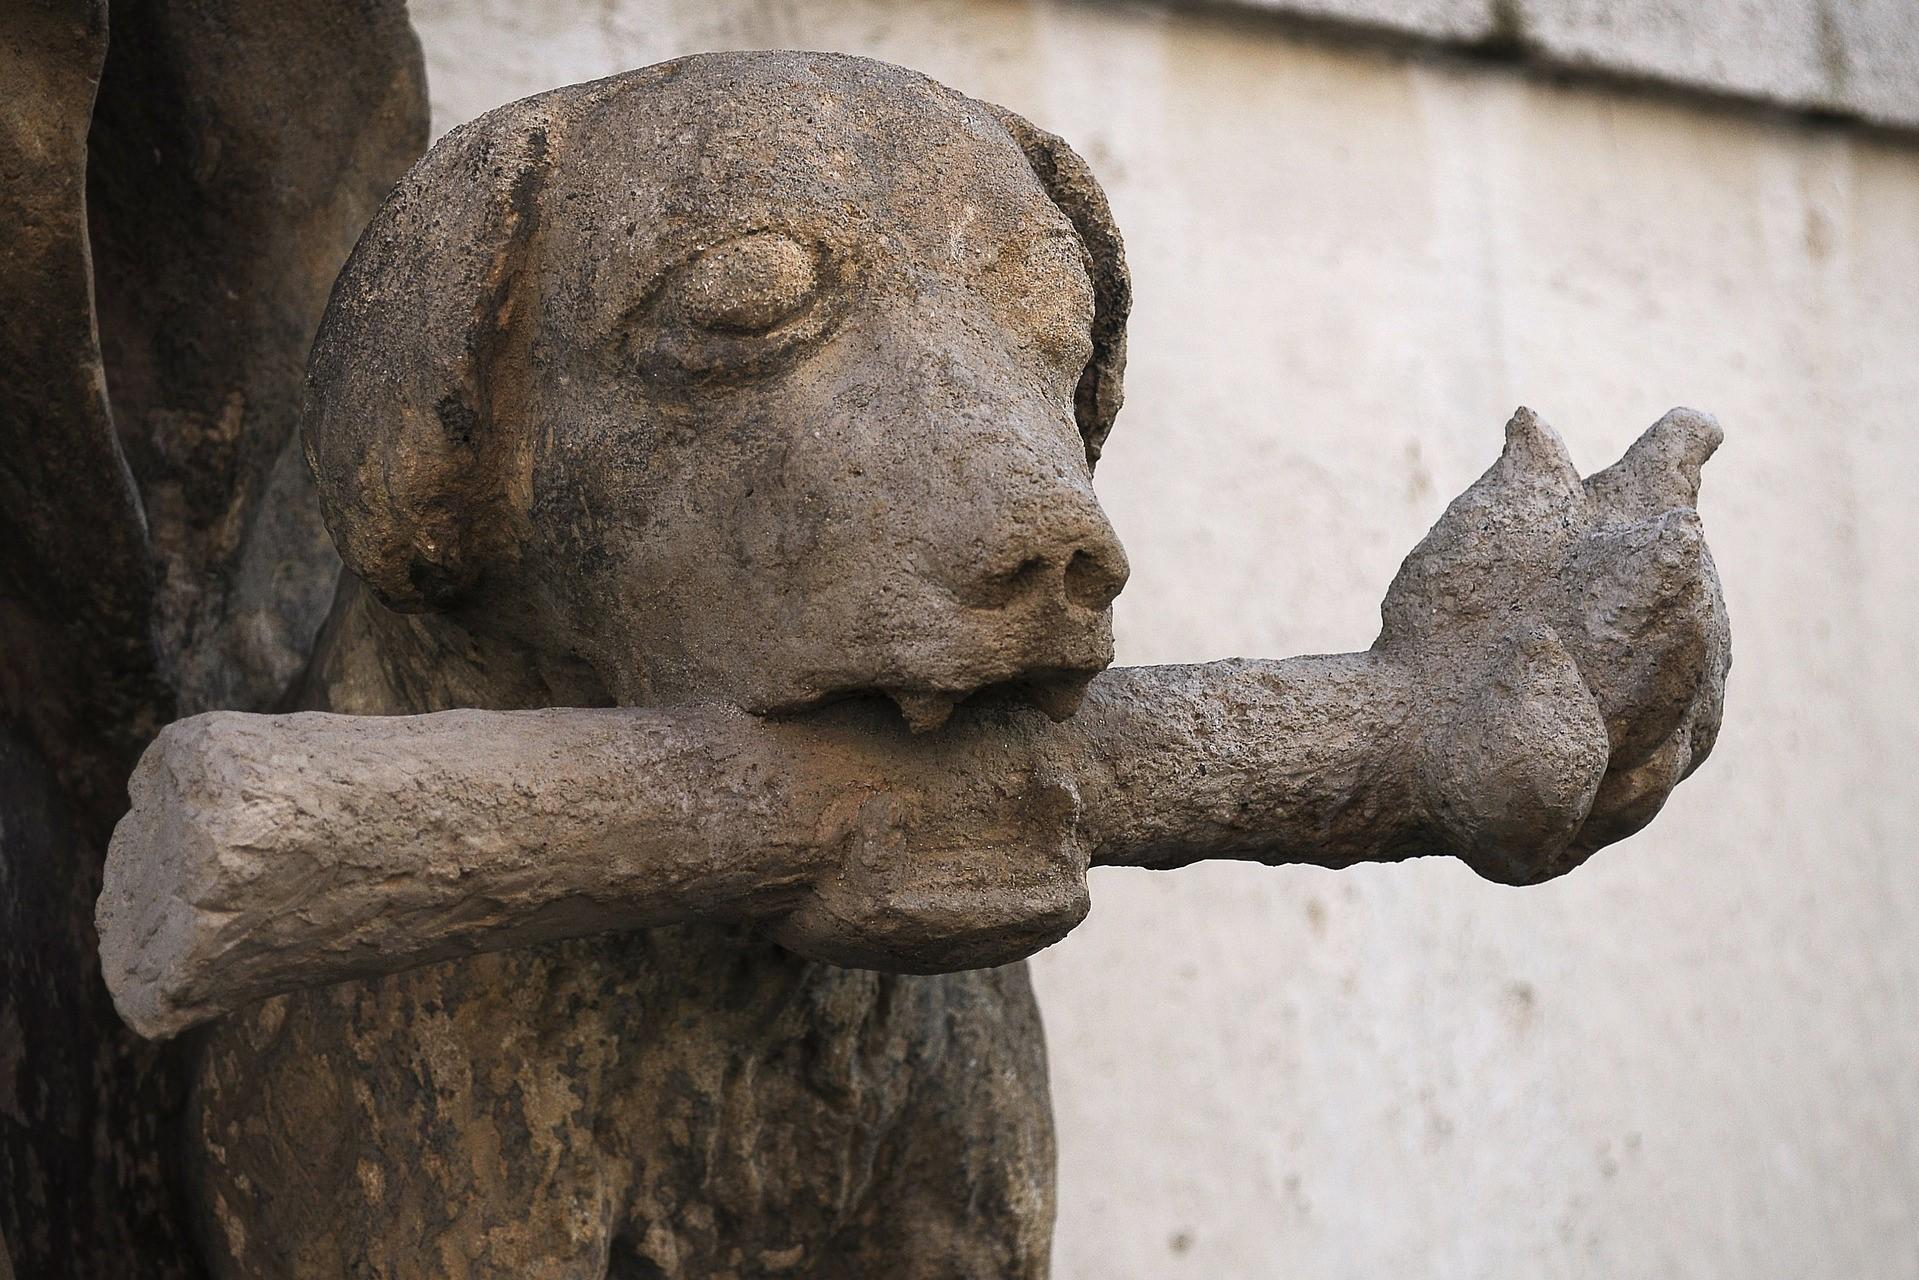 Dog and bone statue in České Budějovice